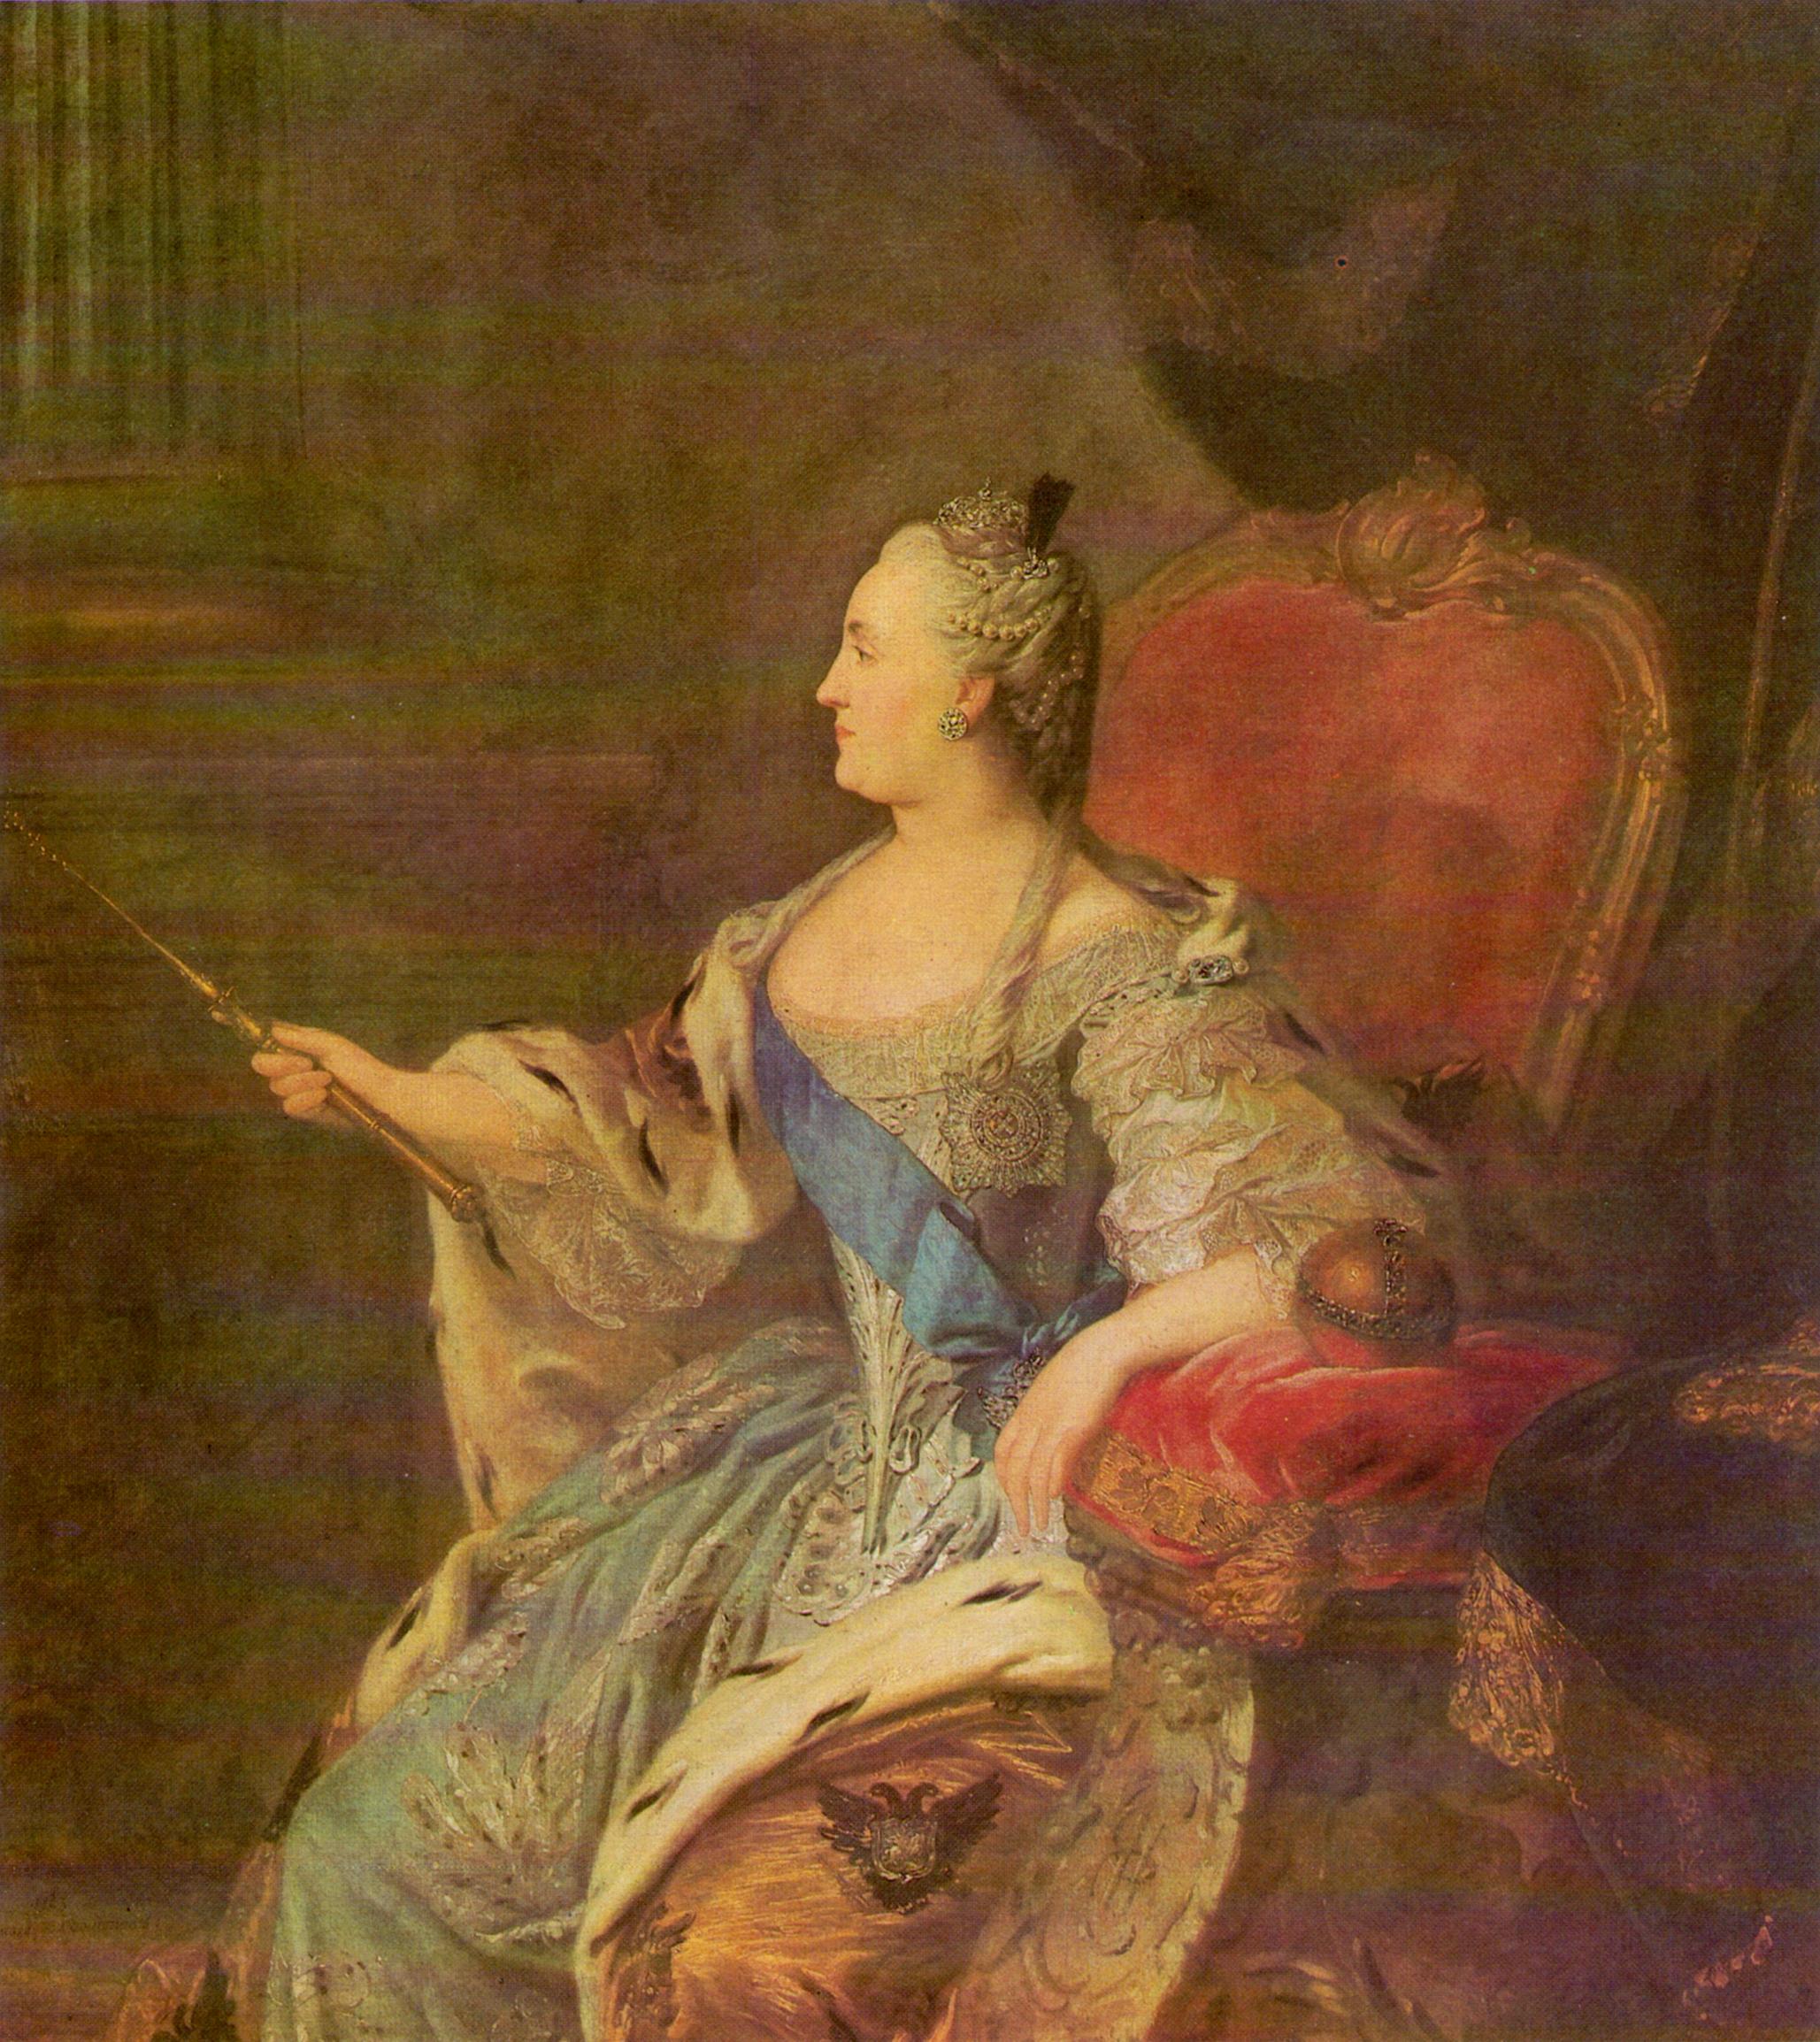 Секс барышни питера пушкина павловска 19 фотография